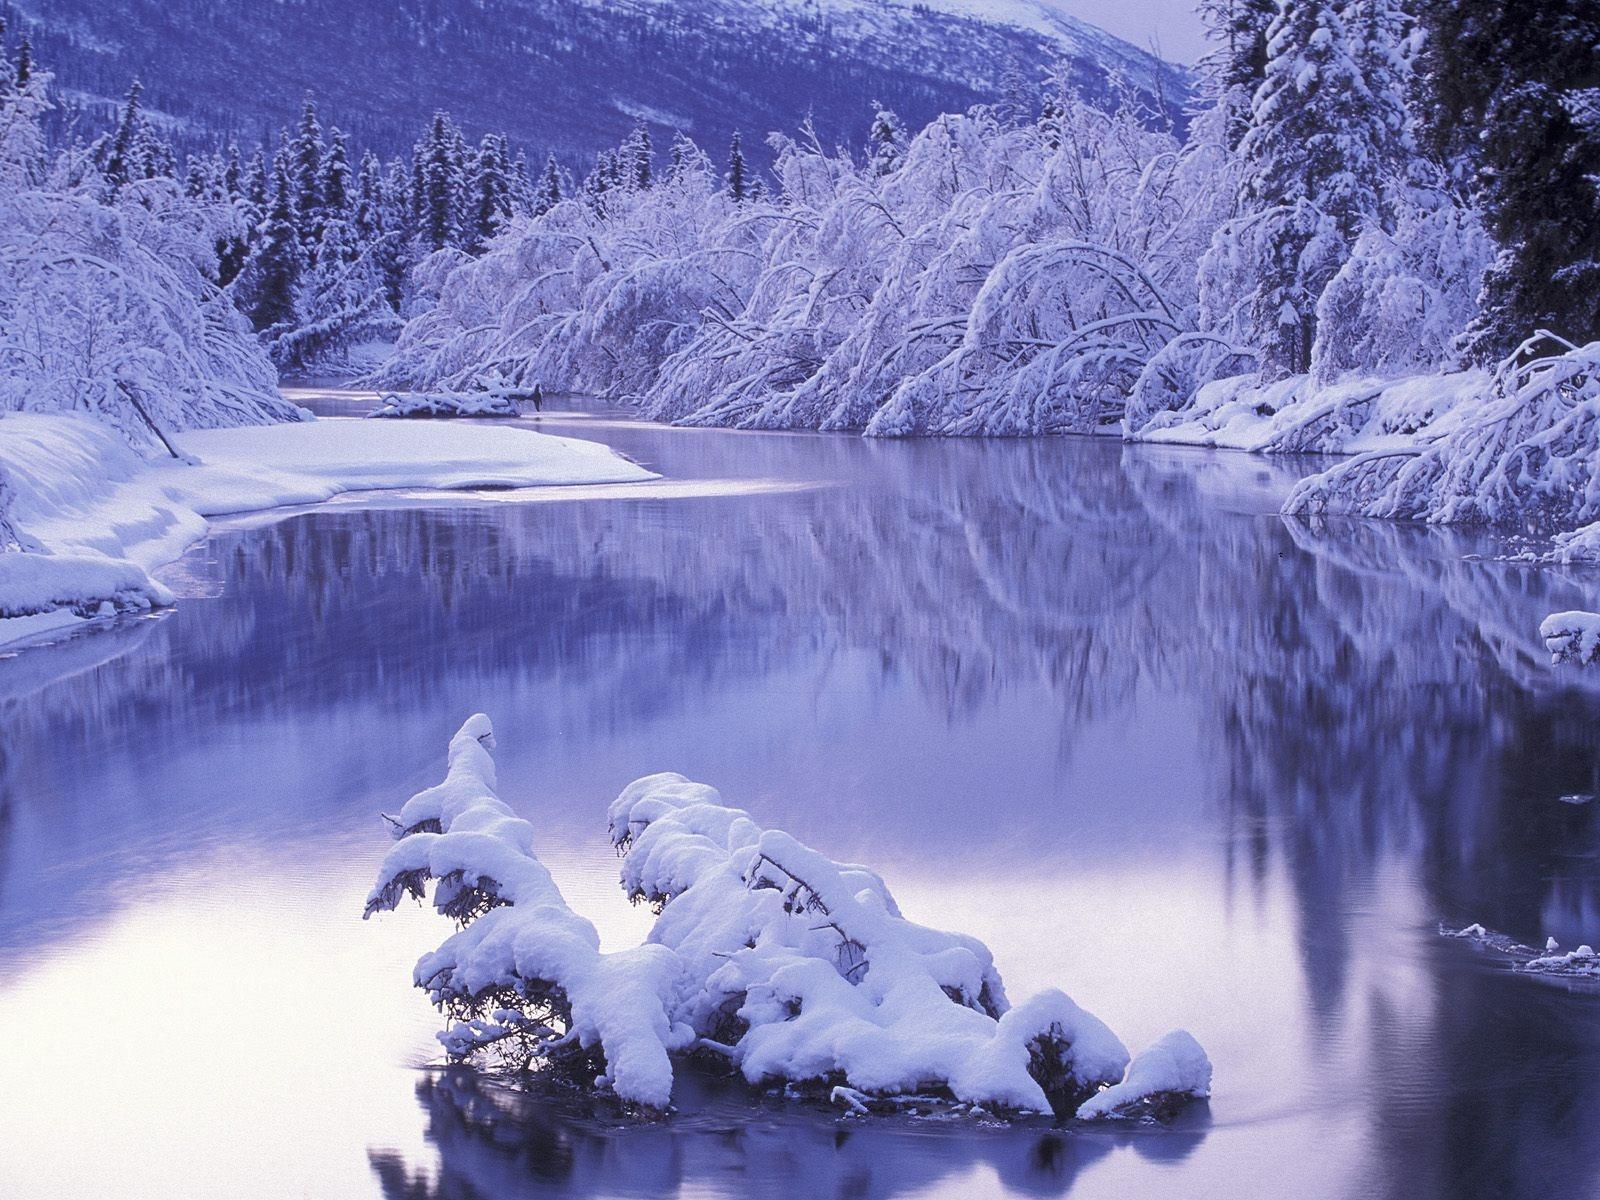 winter wallpapers hd exquisite